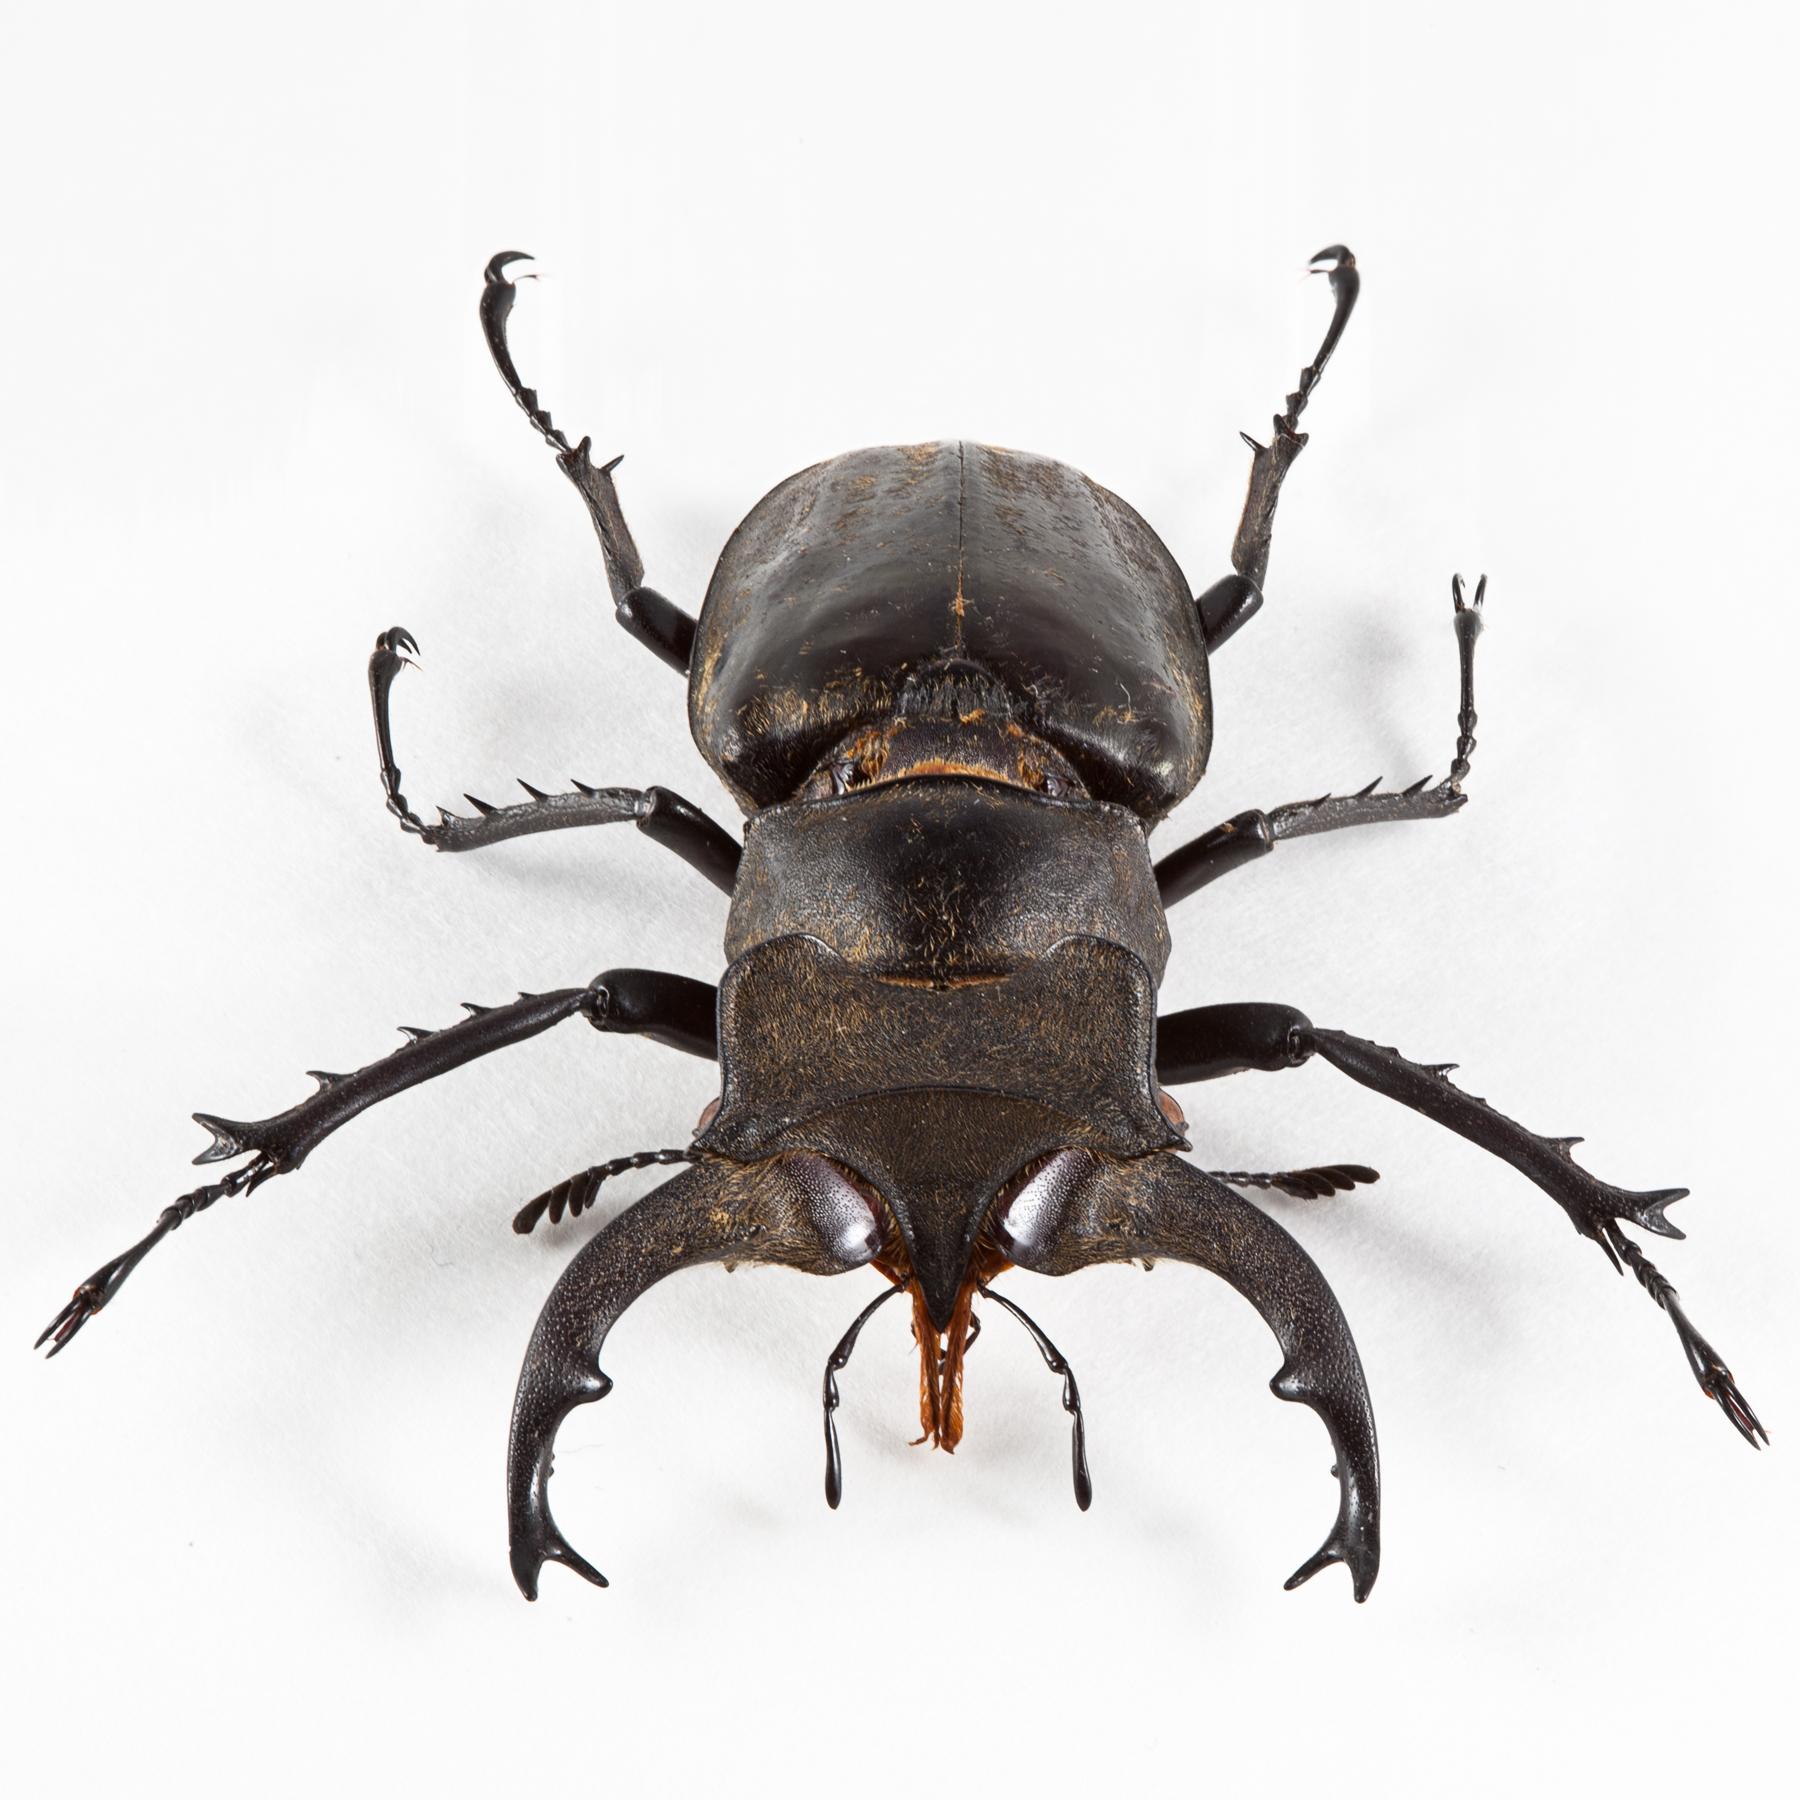 Lucanus Formosanus Beetle, Animal, Invertebrate, Isolate, Isolated, HQ Photo